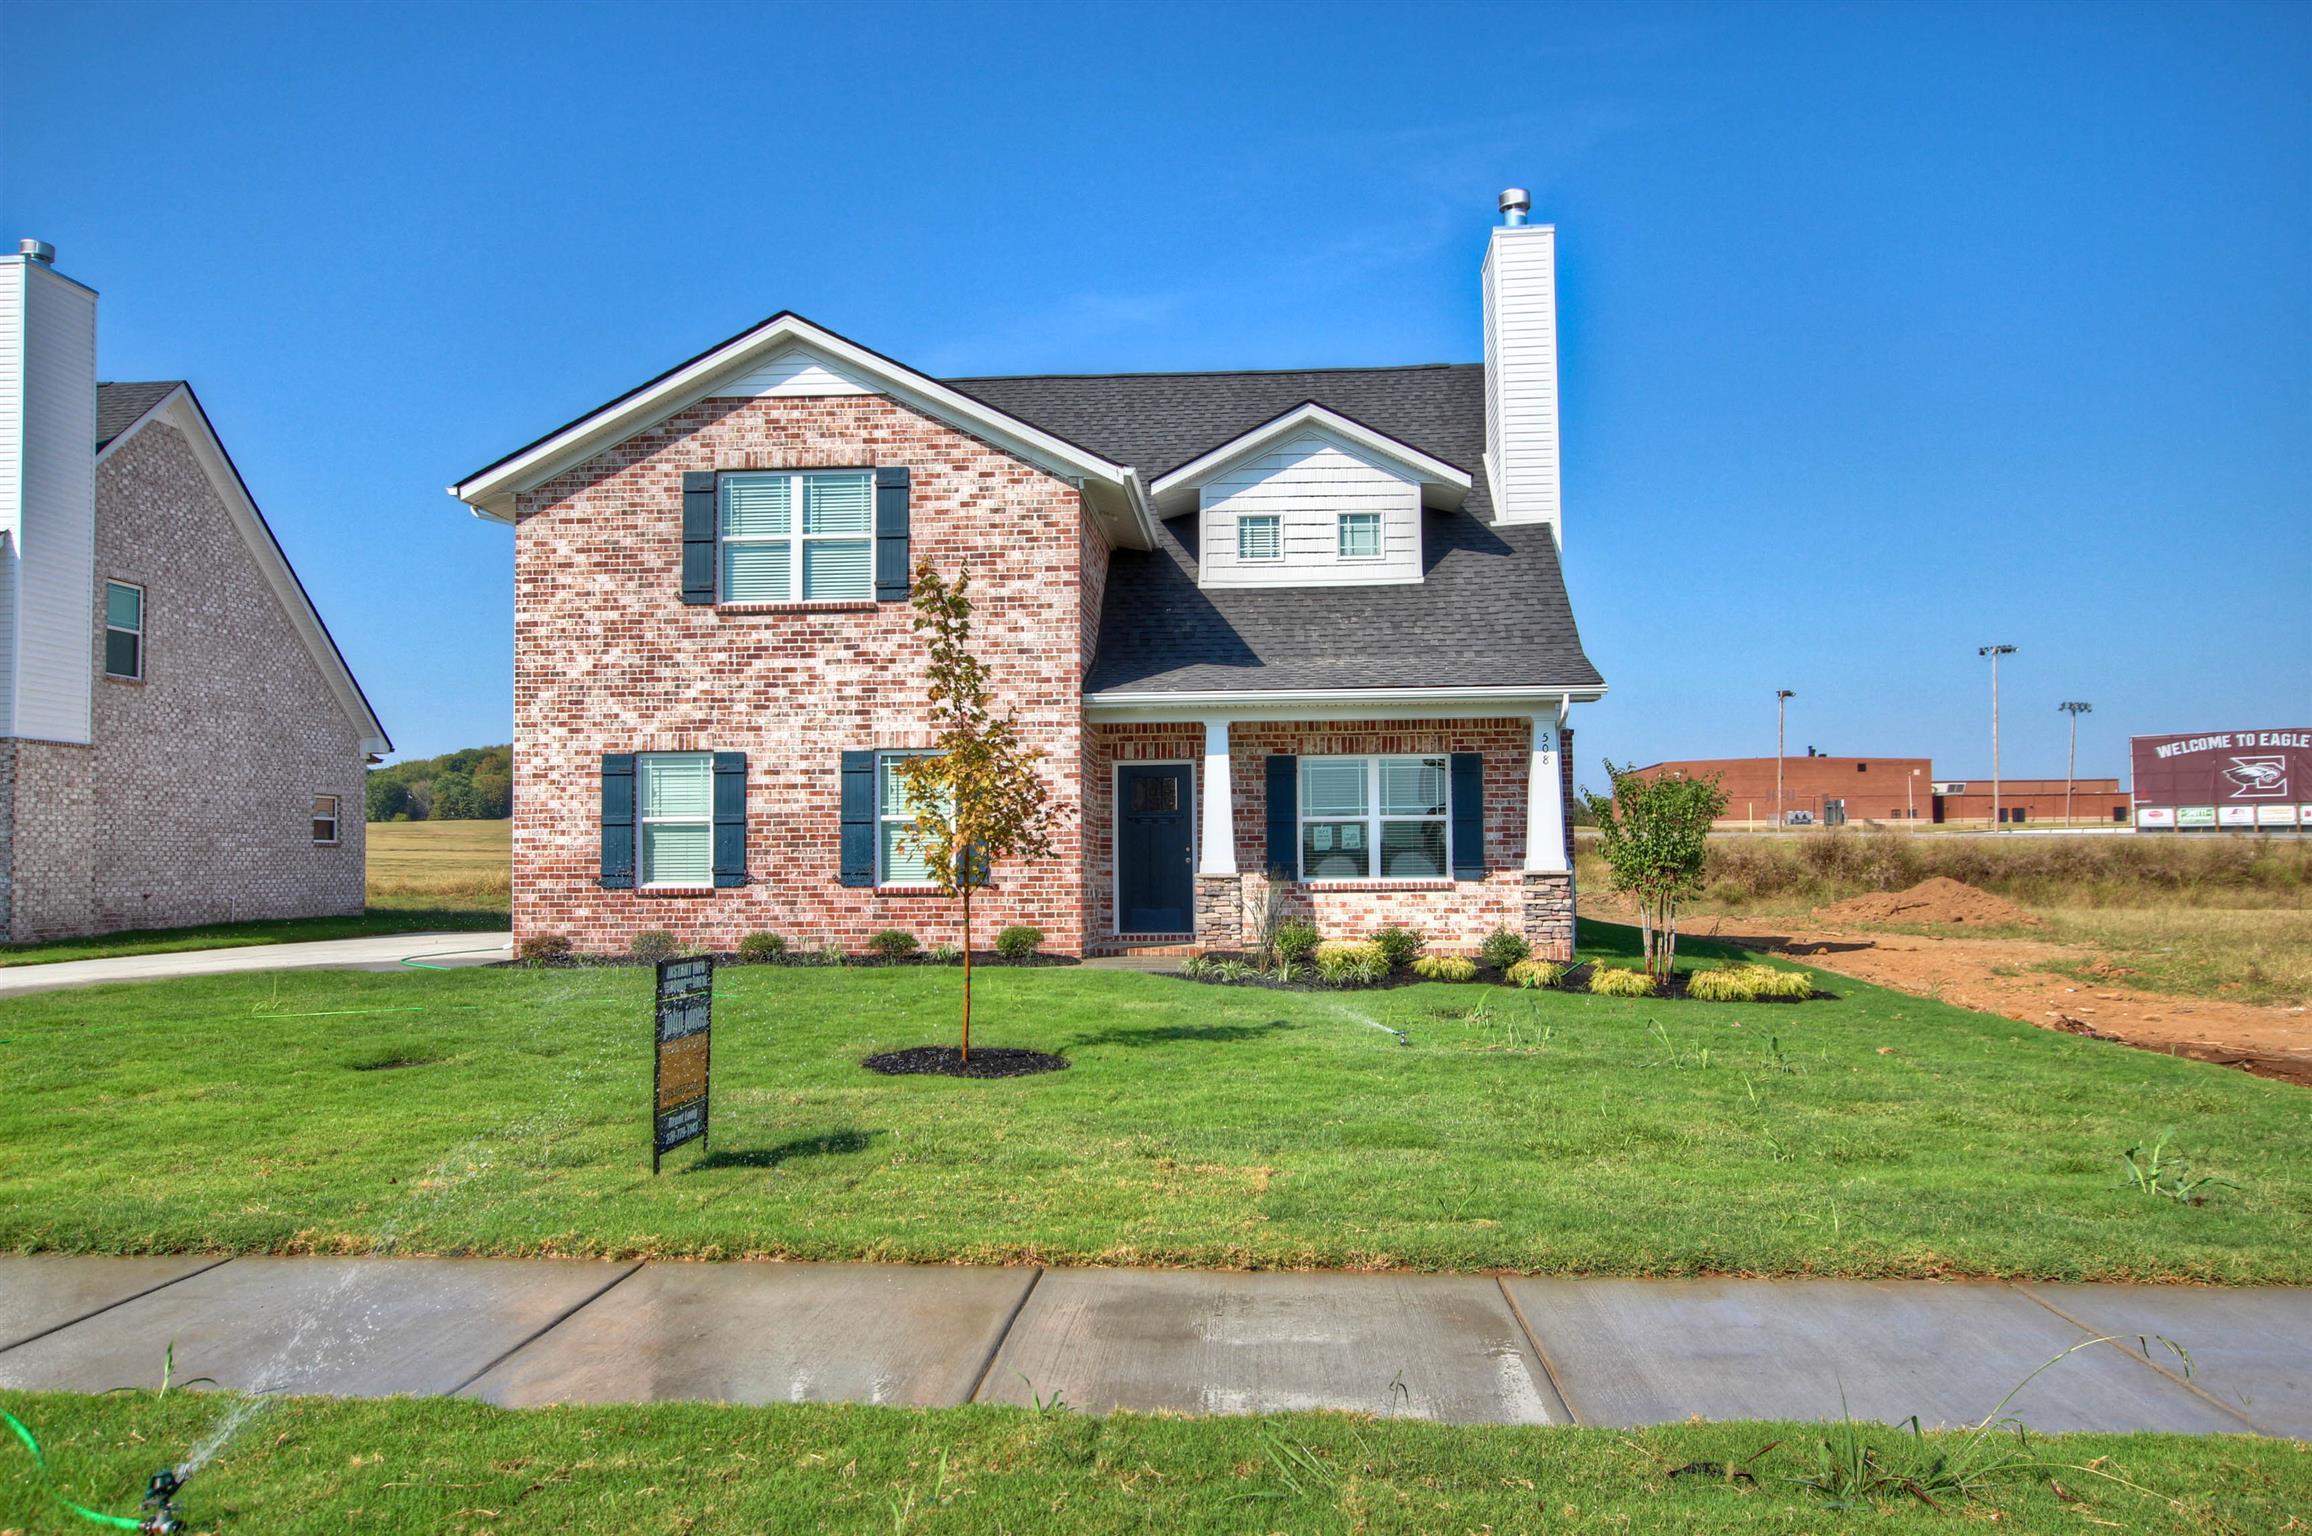 508 Eagle View Dr.- #2, Eagleville, TN 37060 - Eagleville, TN real estate listing